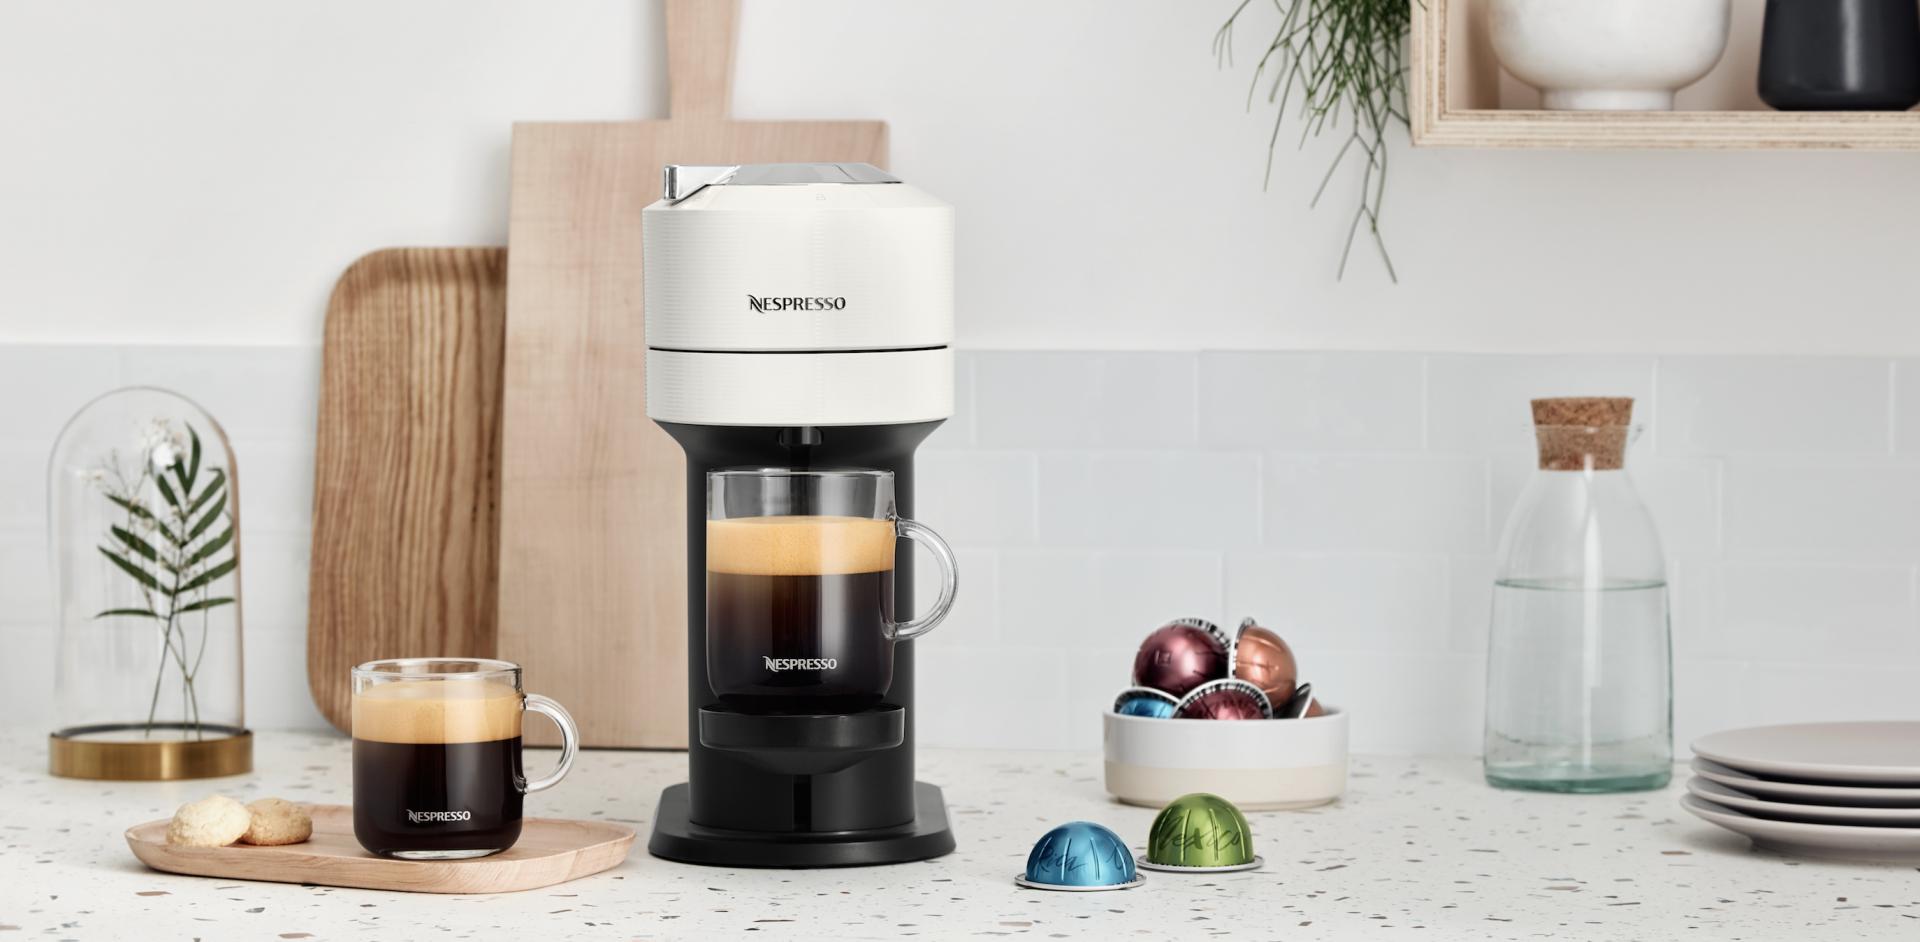 Nespresso's Vertuo Next.